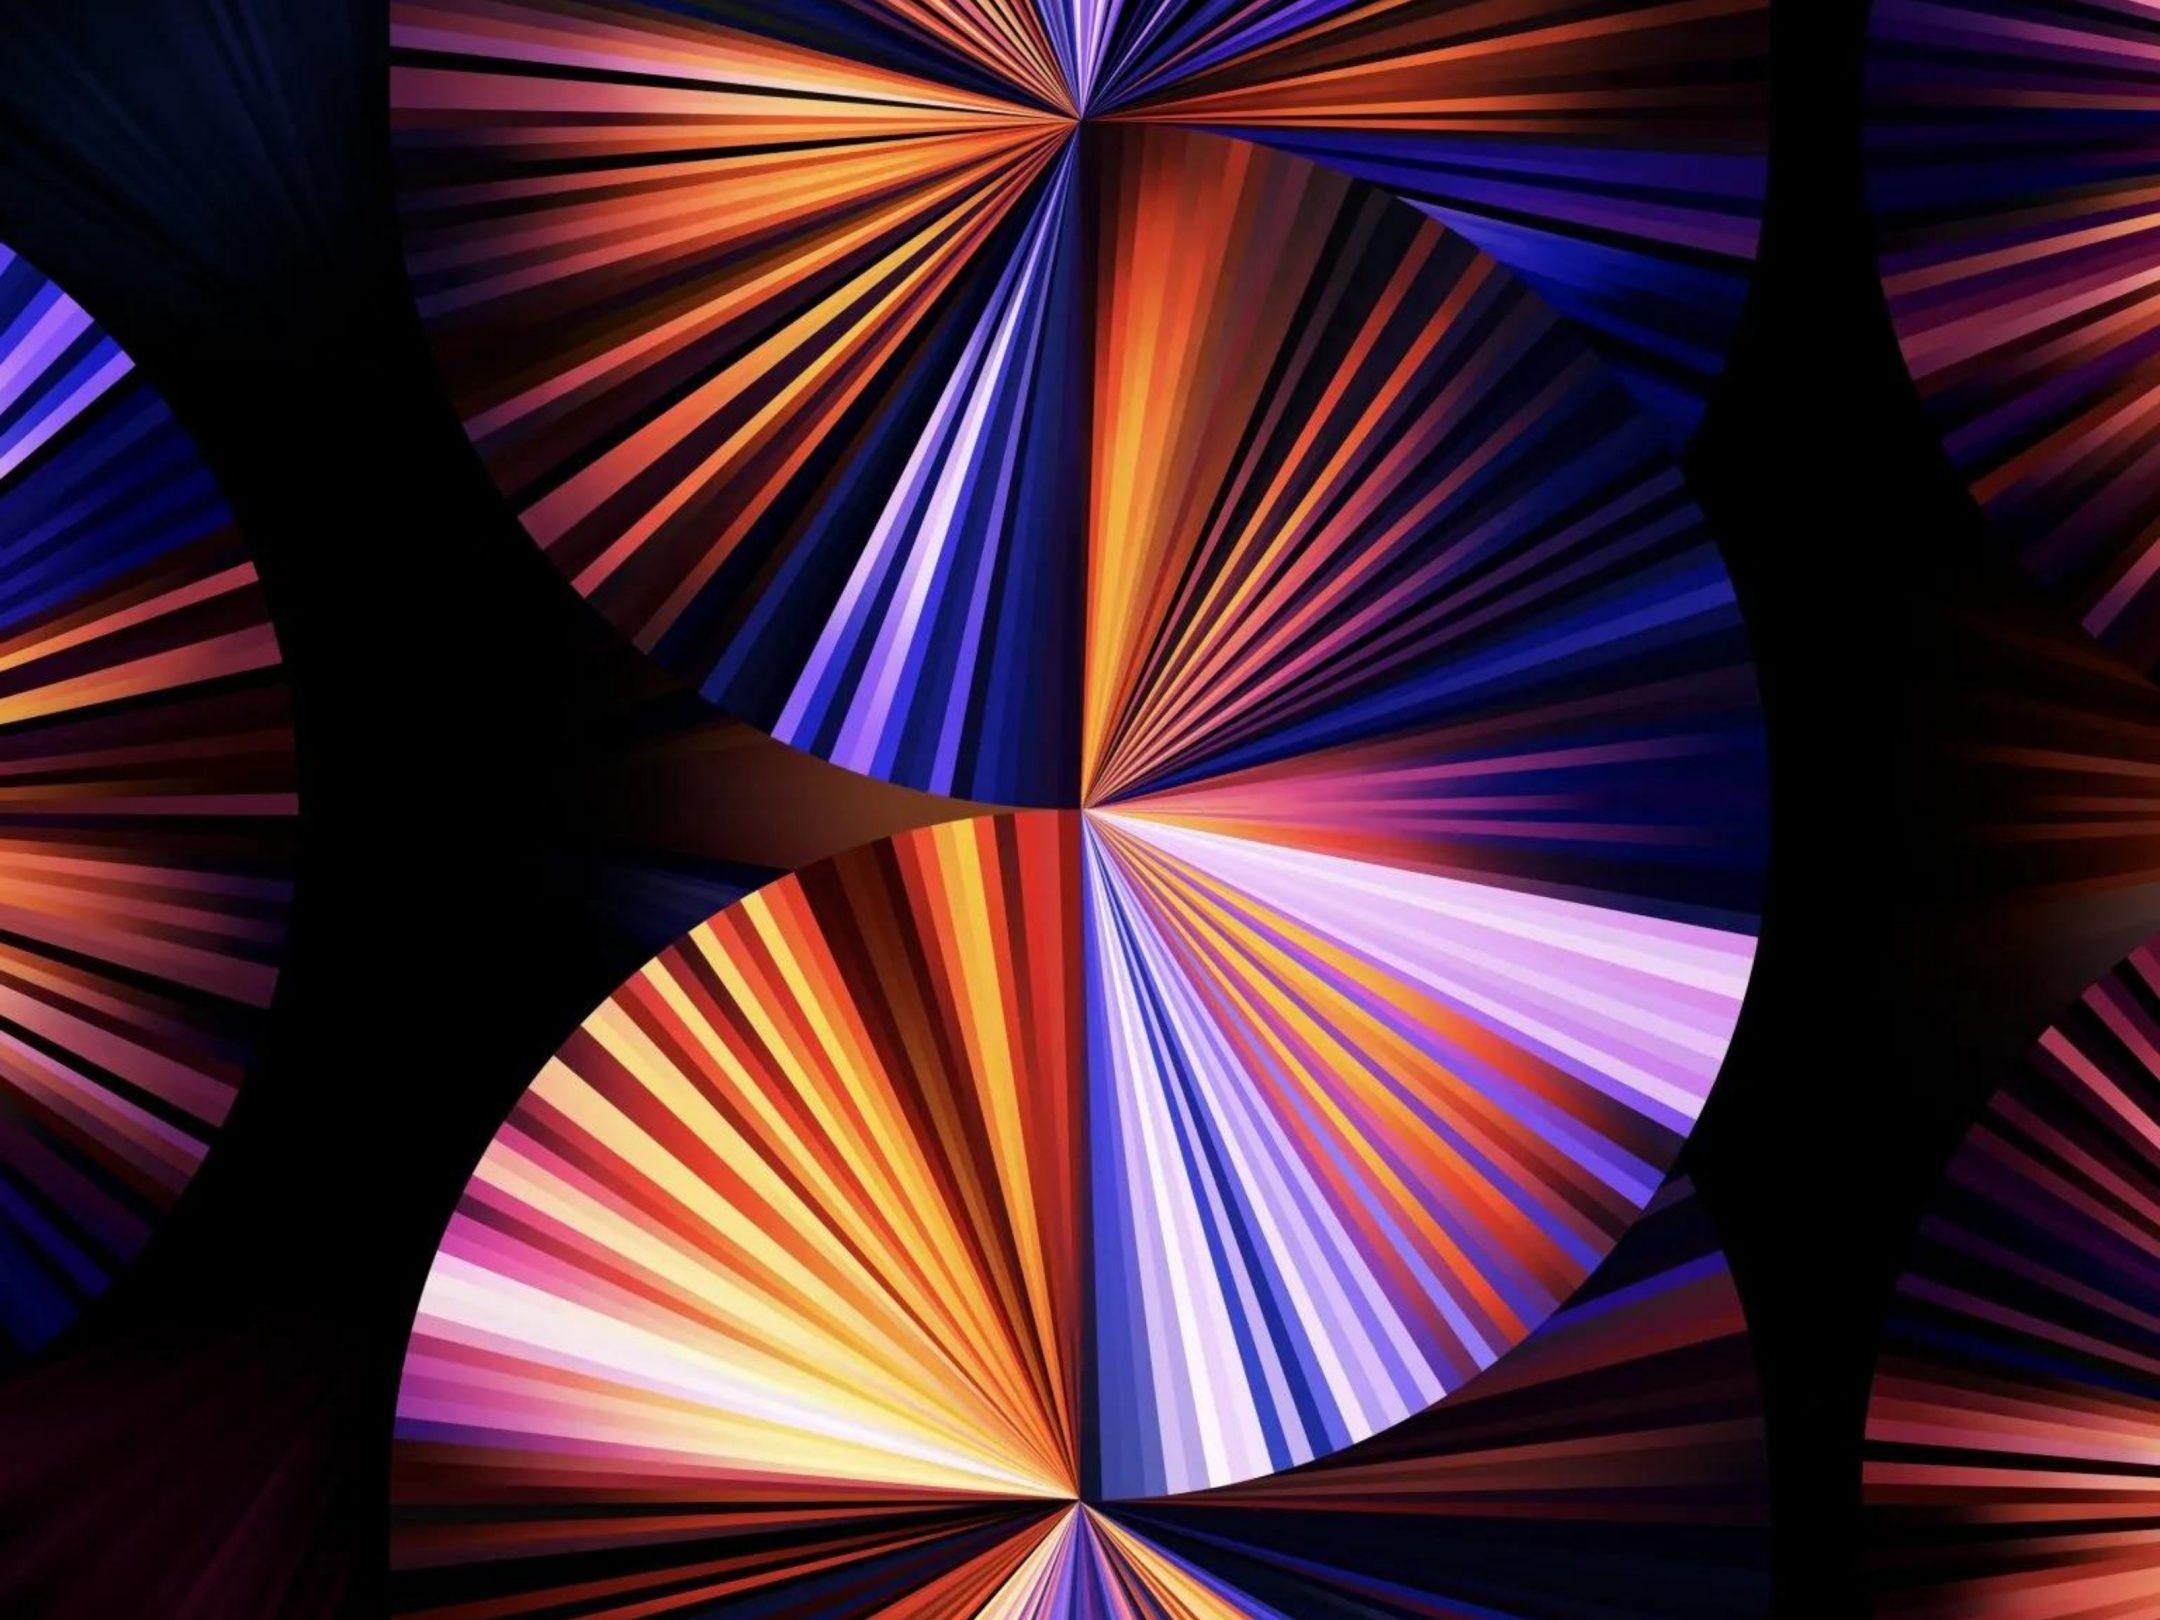 2160x1620 iPad wallpaper 4k iPad Pro 2021 12 9 Inch Purple Blue Dark Black Background iPad Wallpaper 2160x1620 pixels resolution